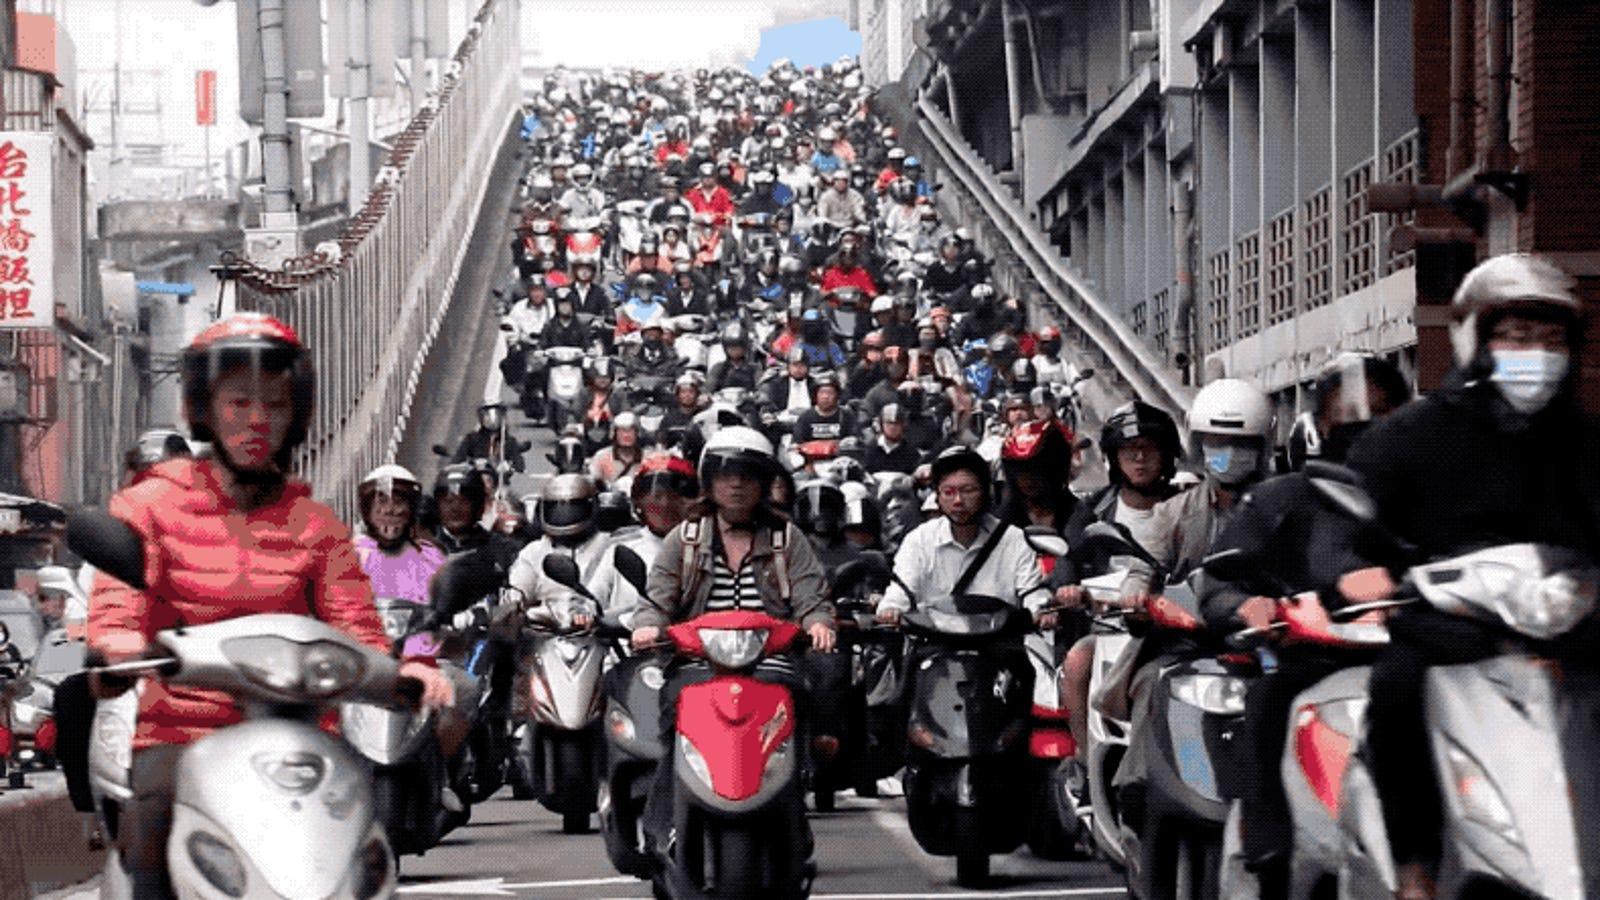 No es Photoshop, este es el aspecto real de un día normal de tráfico en Taiwán